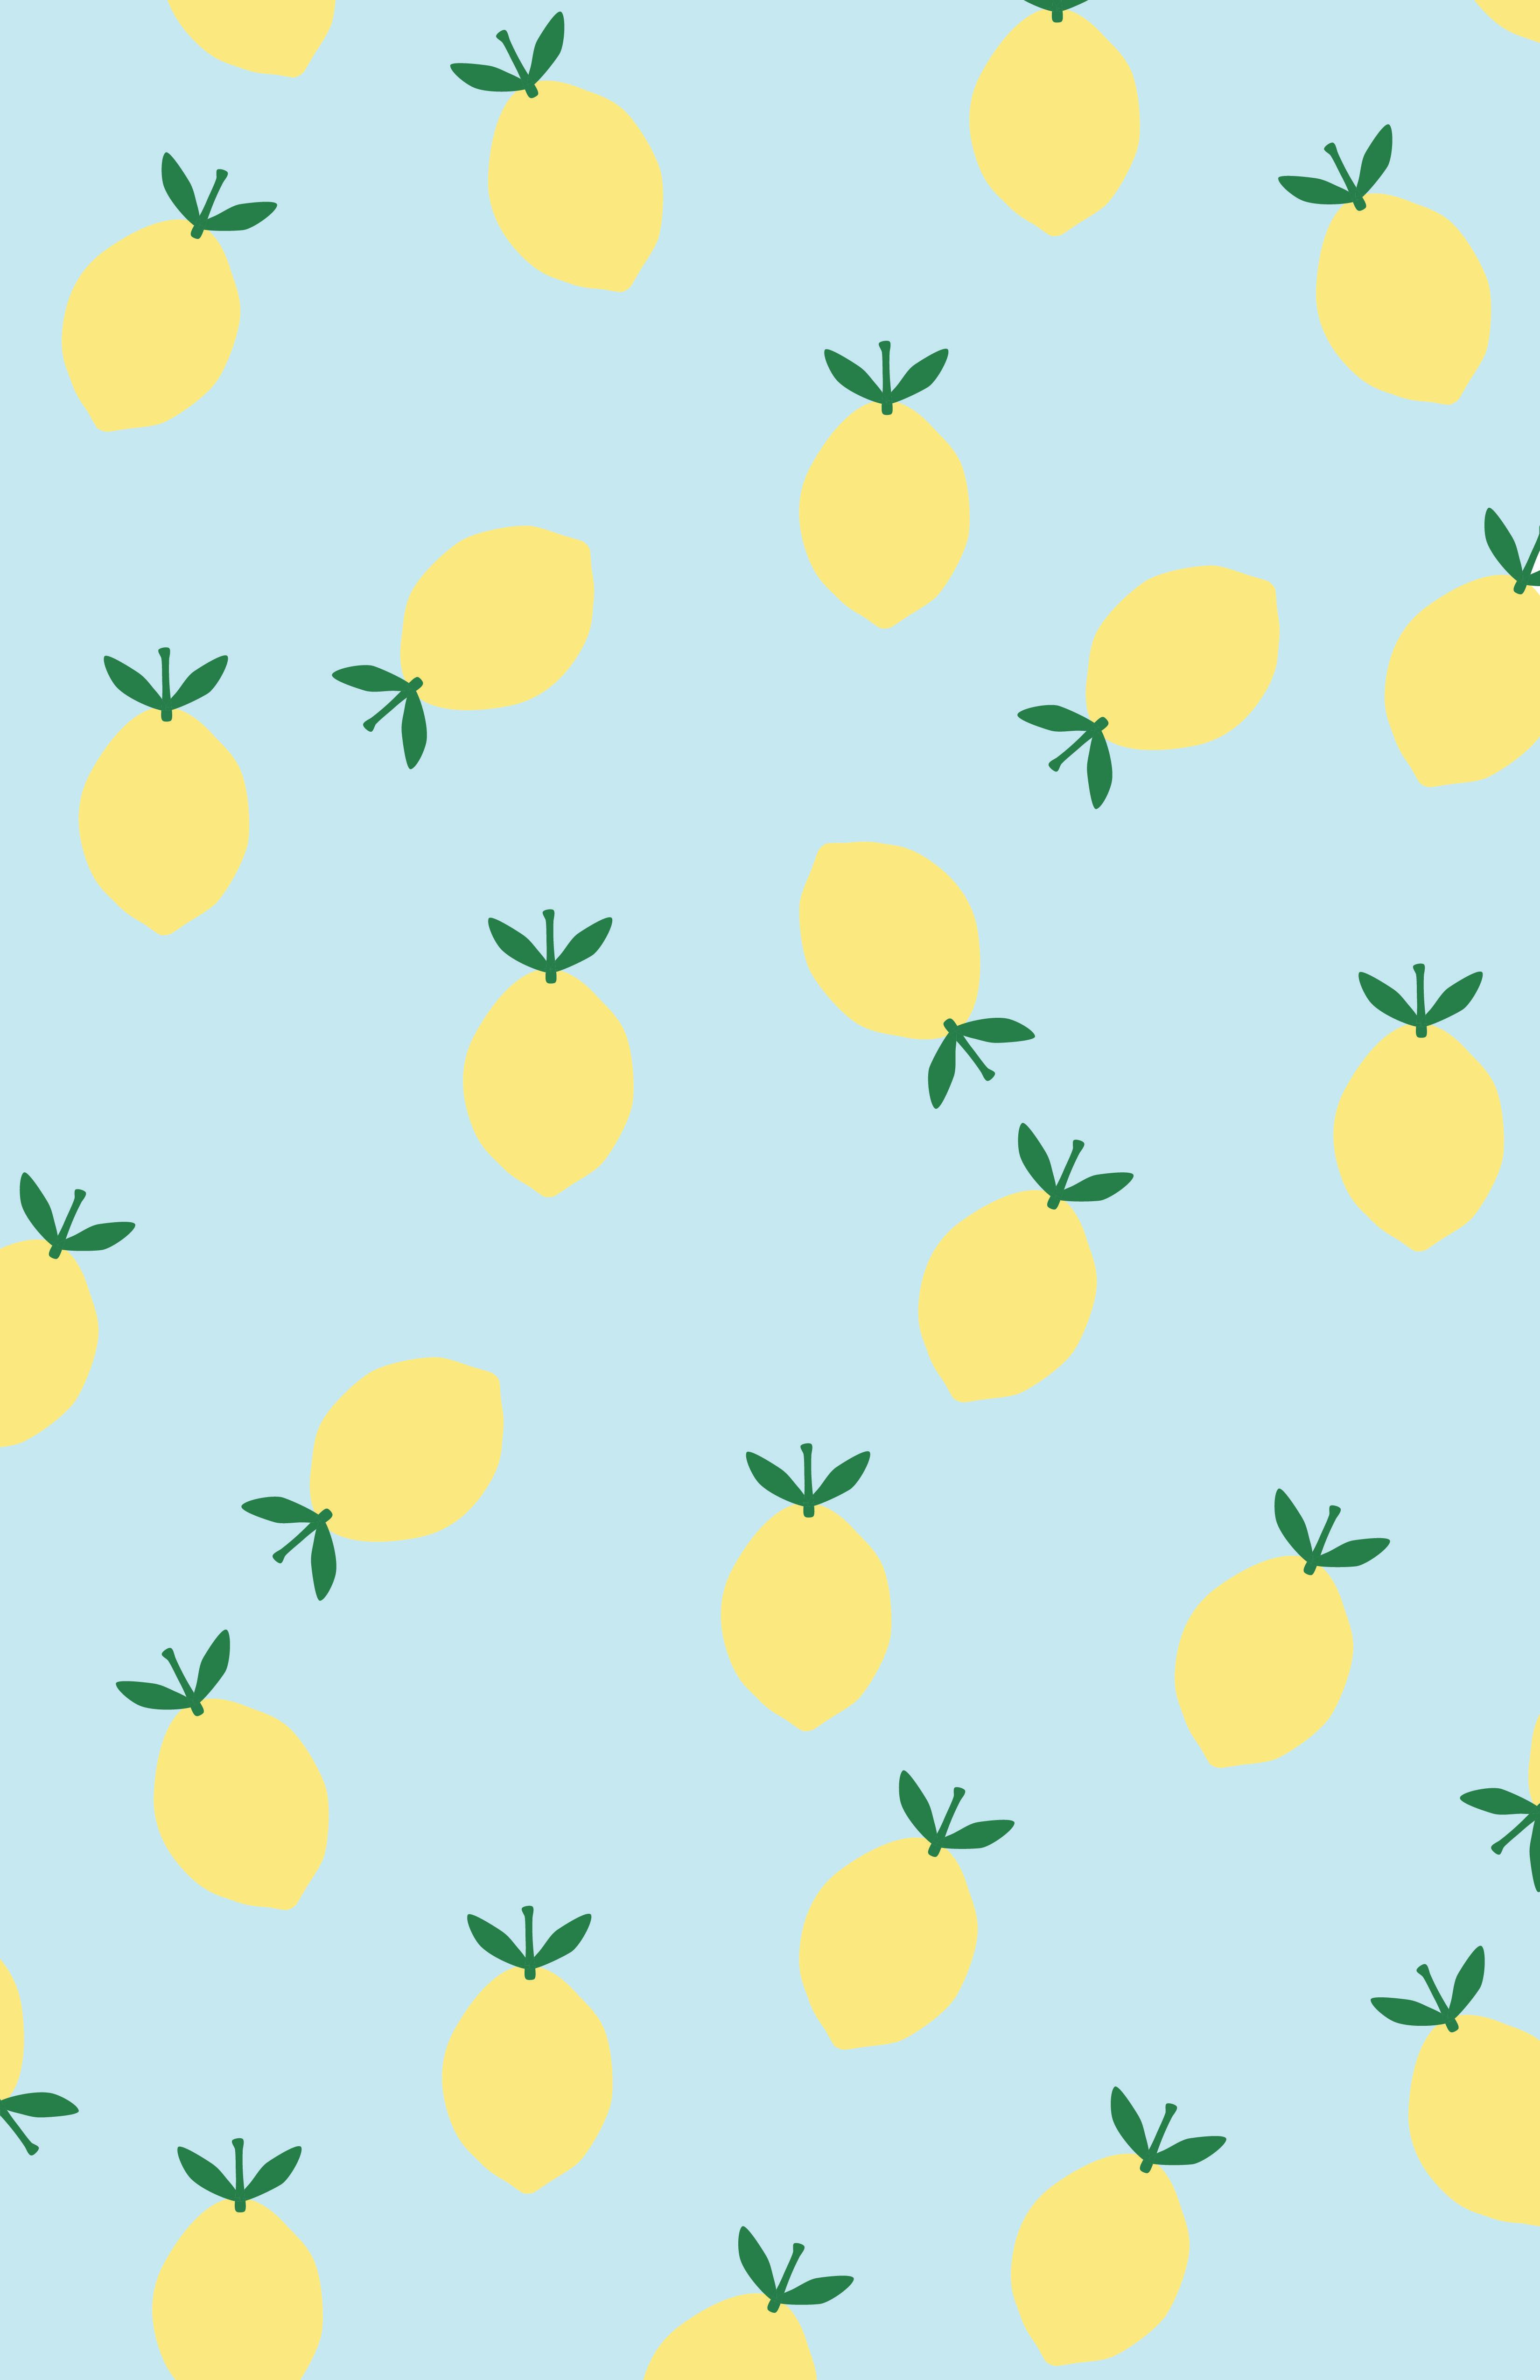 Kunst Af Rachael Lemon Iphone Background Wallpaper Wallpaper Iphone Cute Pretty Wallpaper Iphone